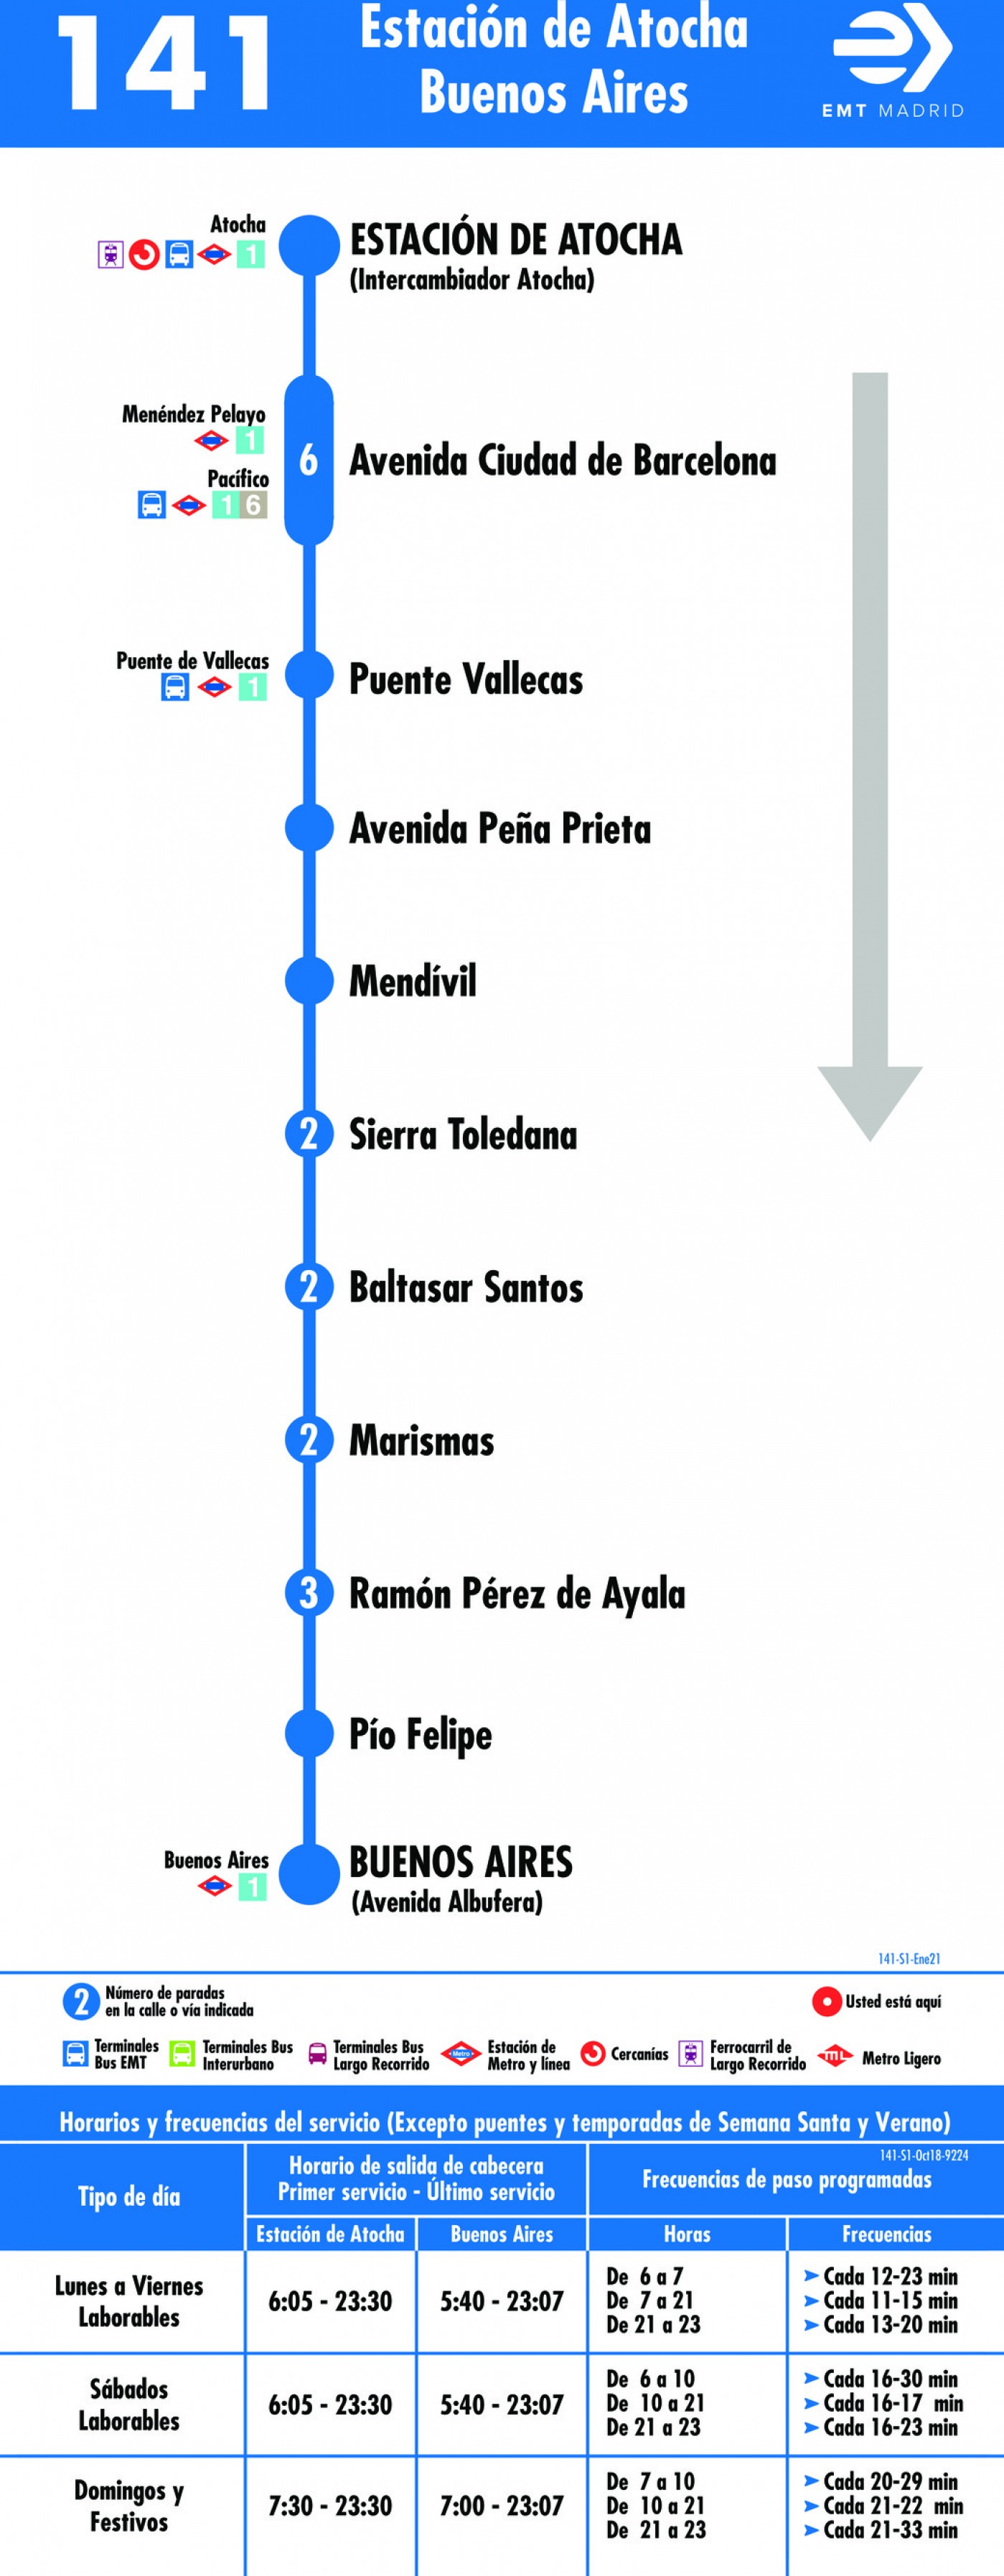 Tabla de horarios y frecuencias de paso en sentido ida Línea 141: Atocha - Buenos Aires